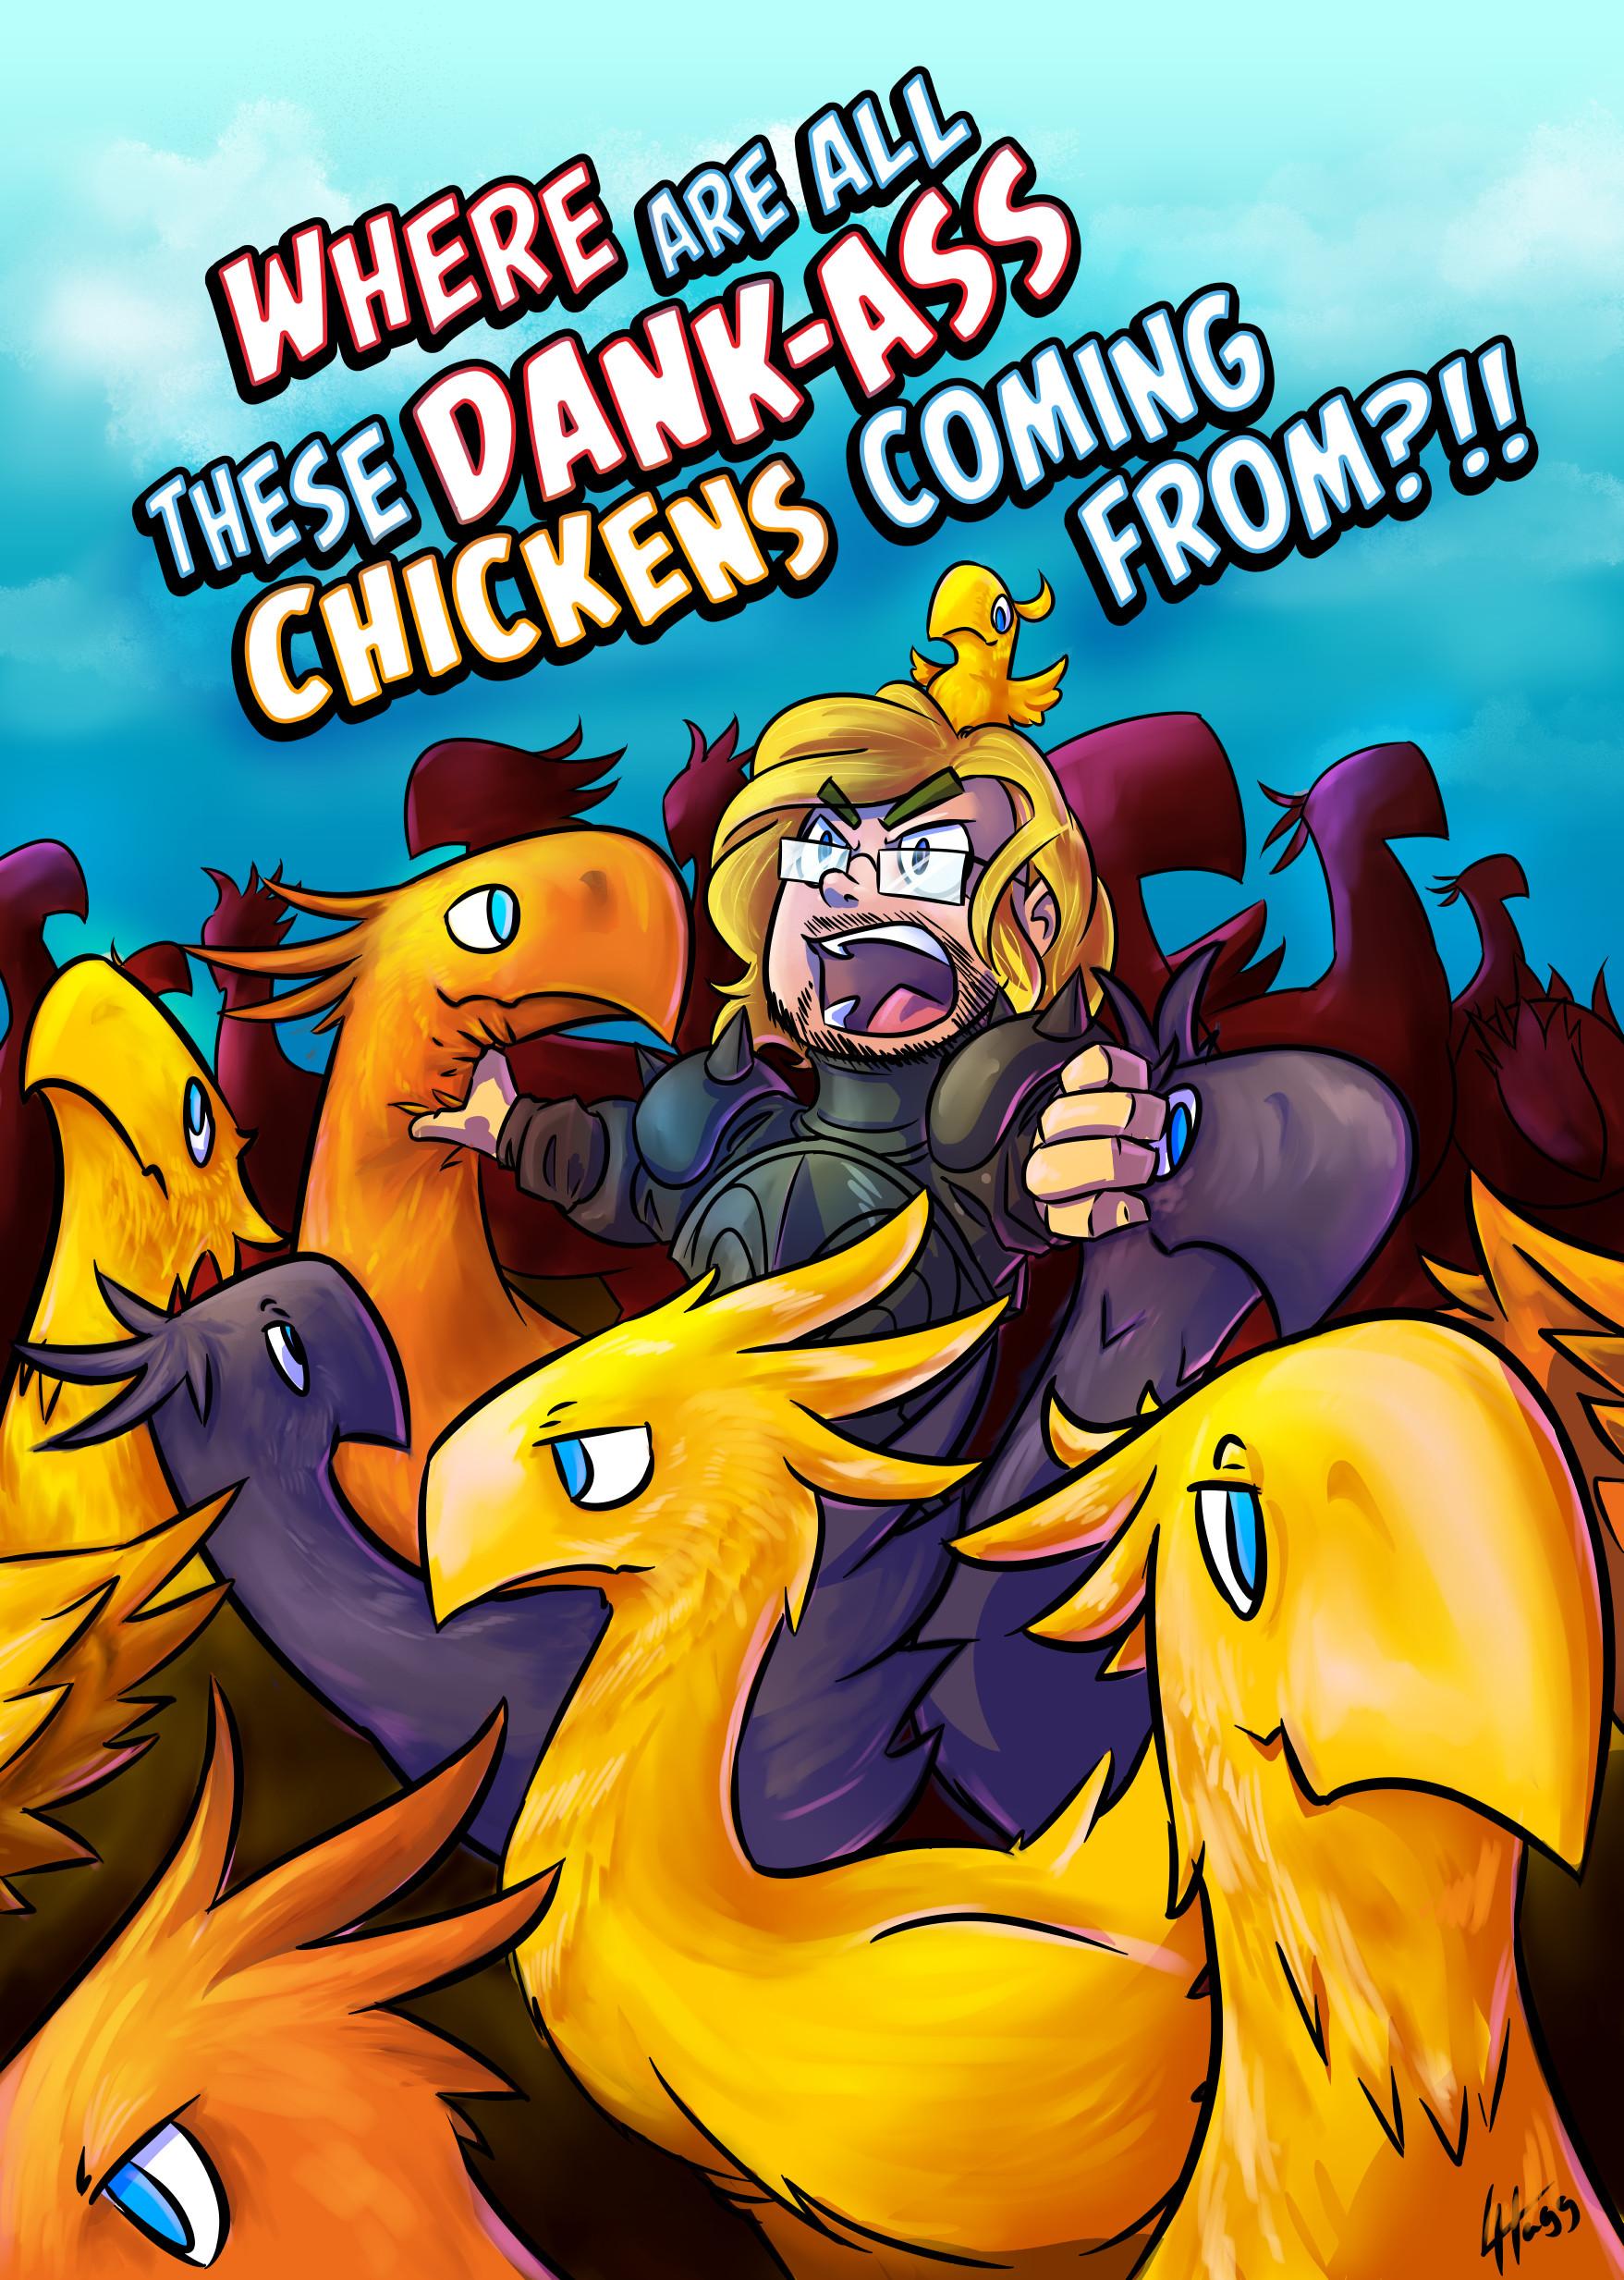 Lukas hagg dank chickens 72dpi